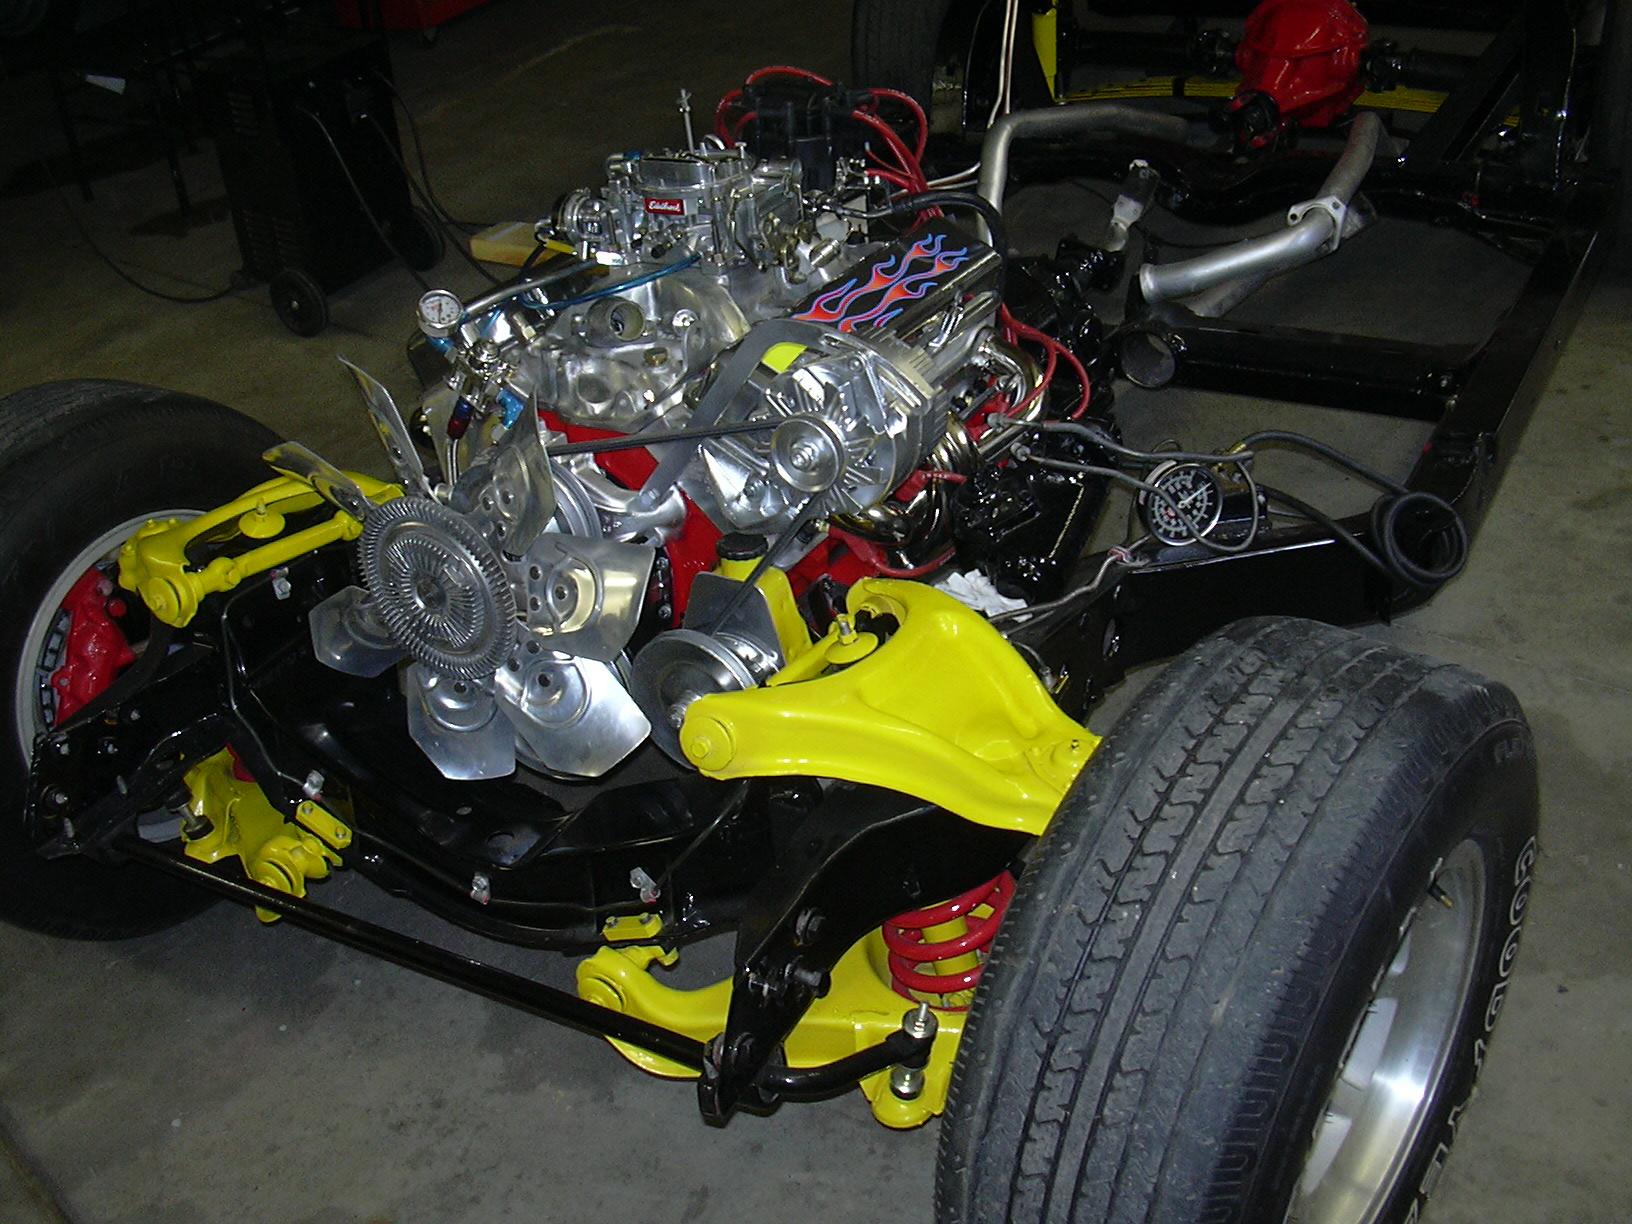 1976 corvette alarm wiring diagram 2003 nissan altima parts 76l system schematic car pics corvetteforum